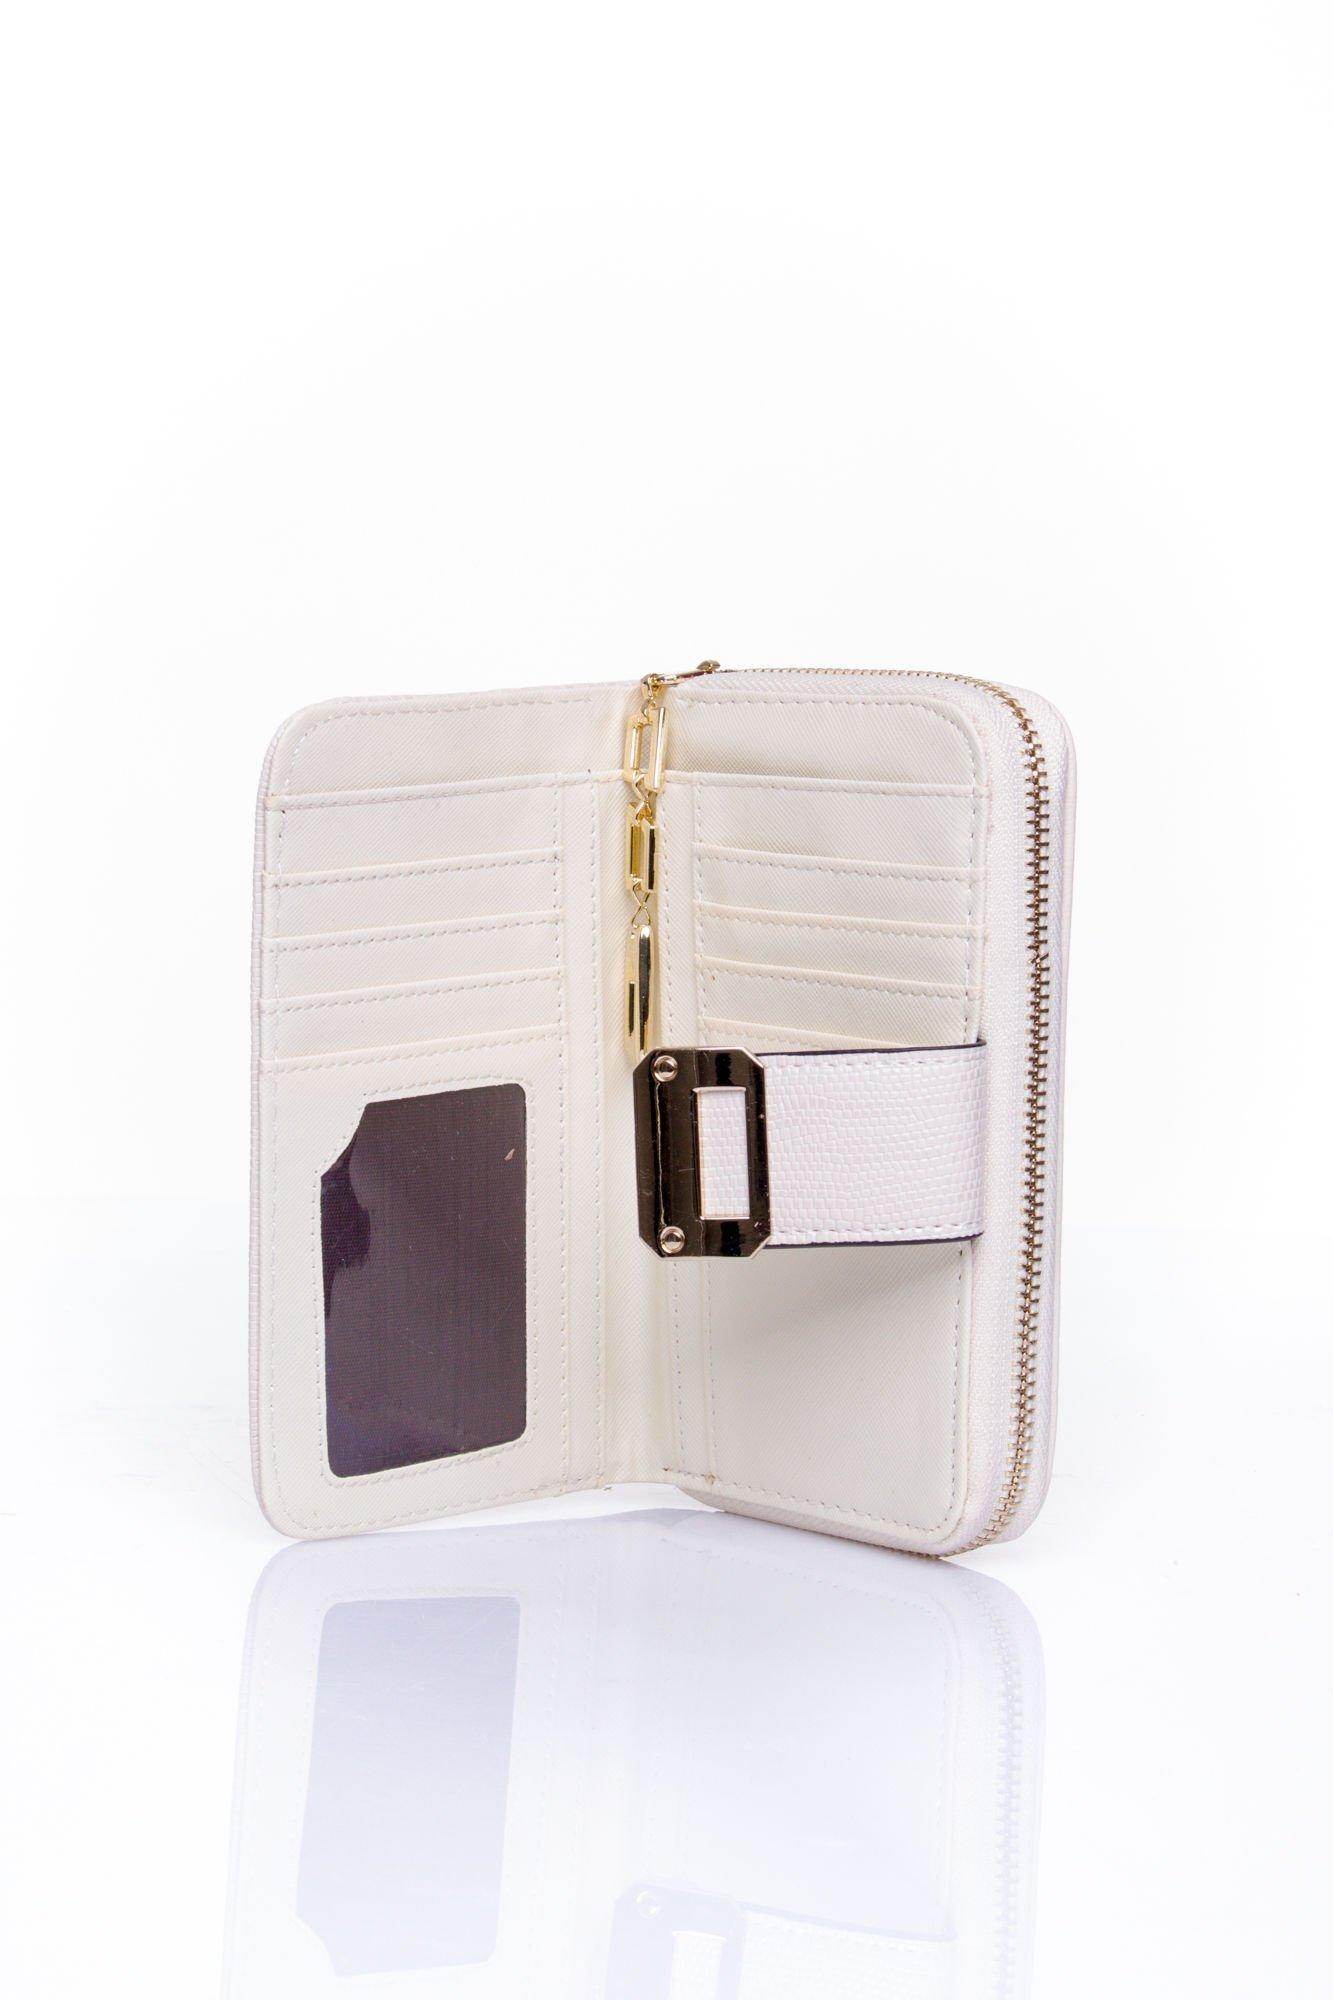 Kremowy portfel z ozdobną złotą klamrą                                  zdj.                                  4